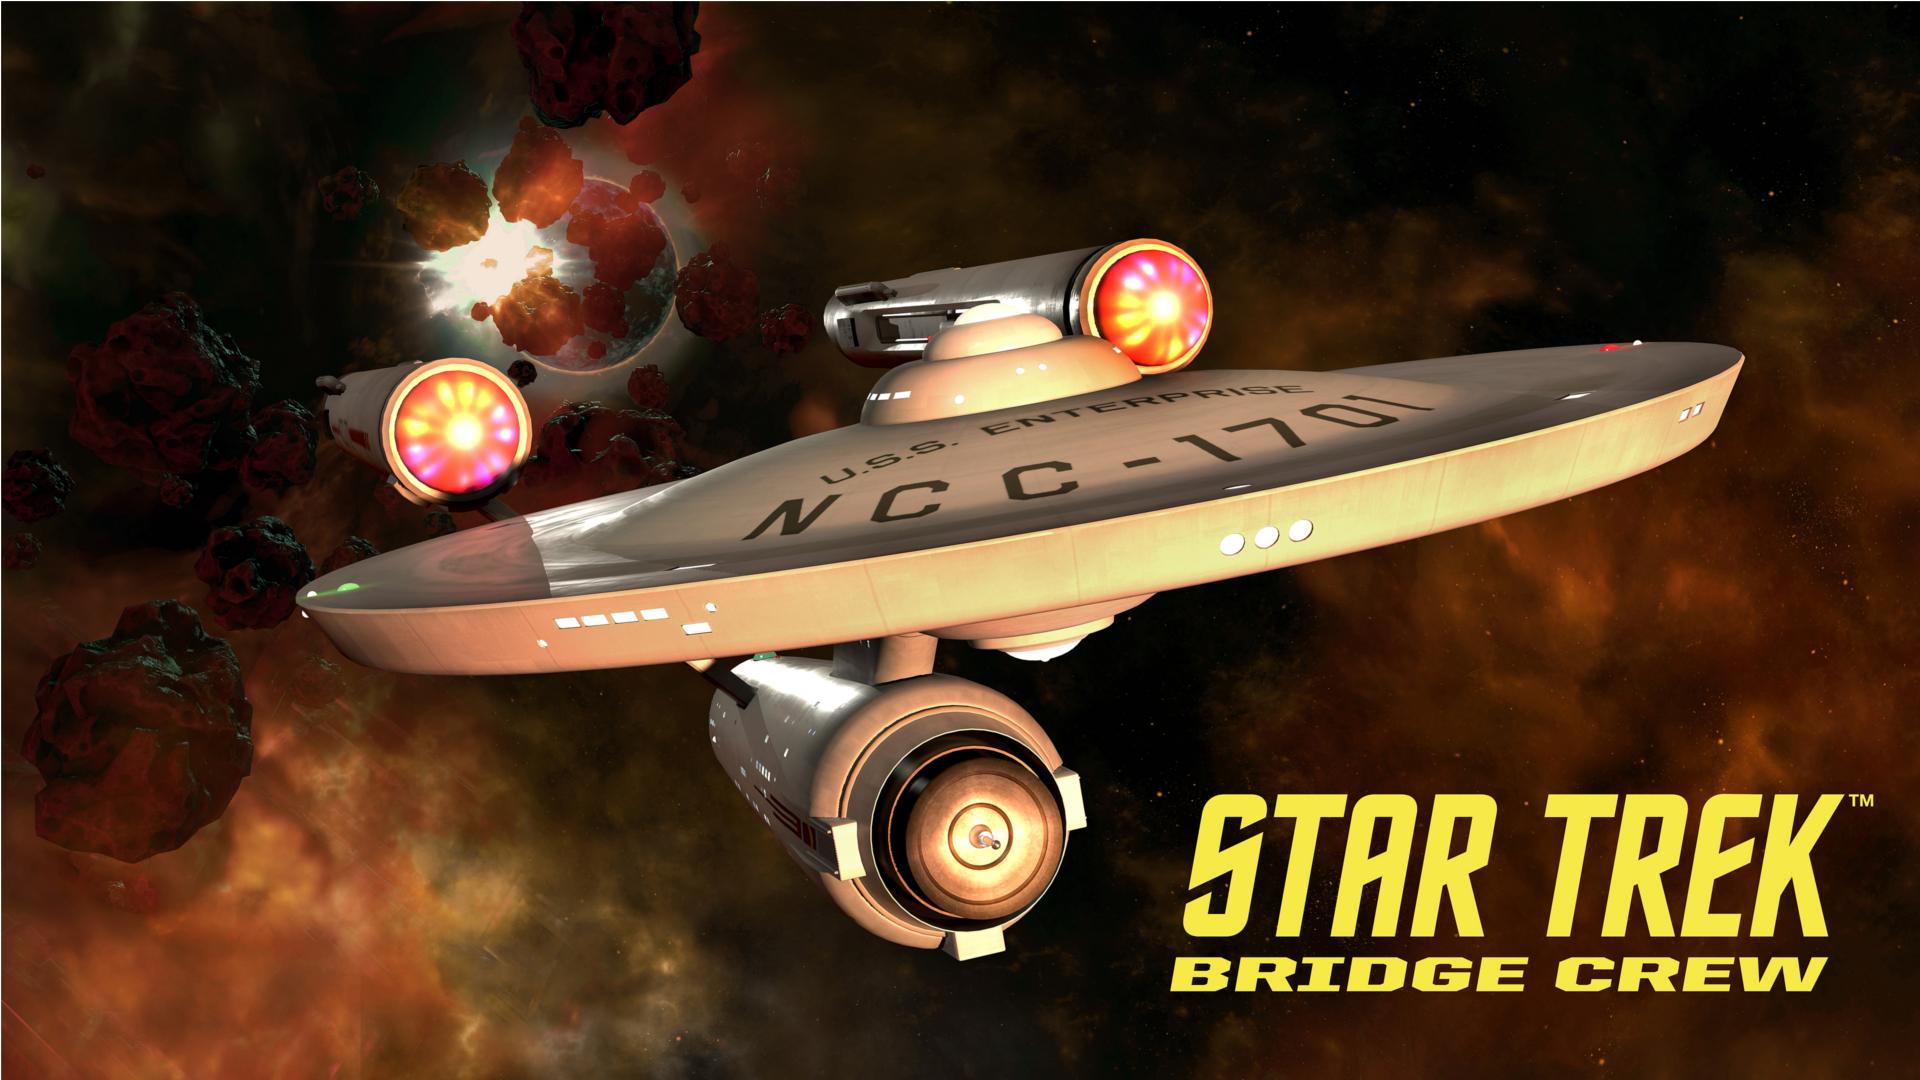 Star Strek: Brigde Crew - Das Originale-Brücke der berühmten U.S.S. Enterprise für das VR- Spiel